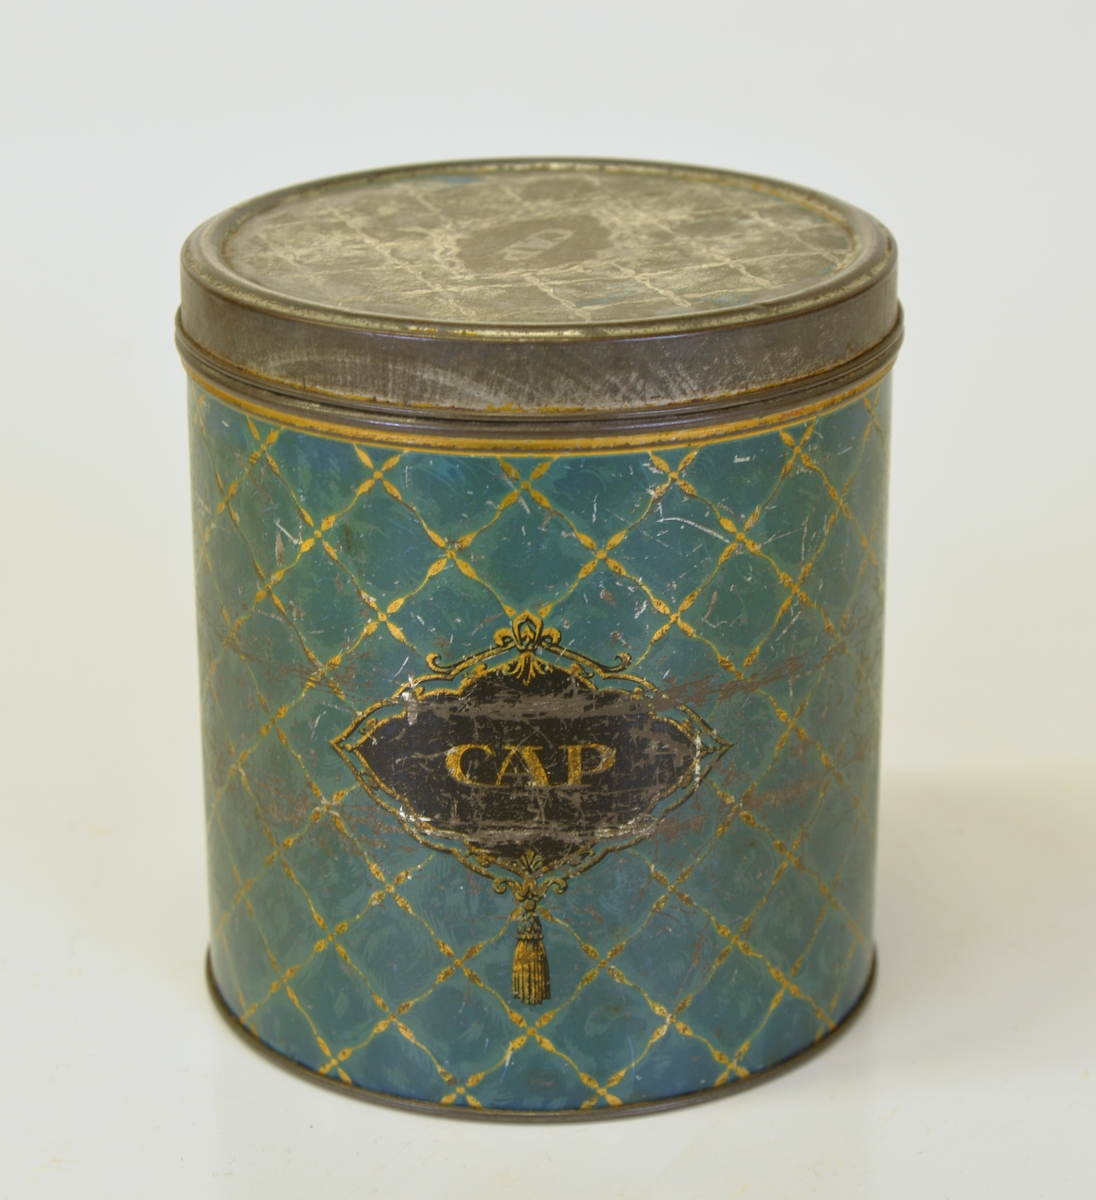 """Dekor i blågrönt och guld, färgen verkar ha bleknat. Text """"CAP"""". Lockets färg är bortnött.  Från Arne Ekströms handelsmuseum."""